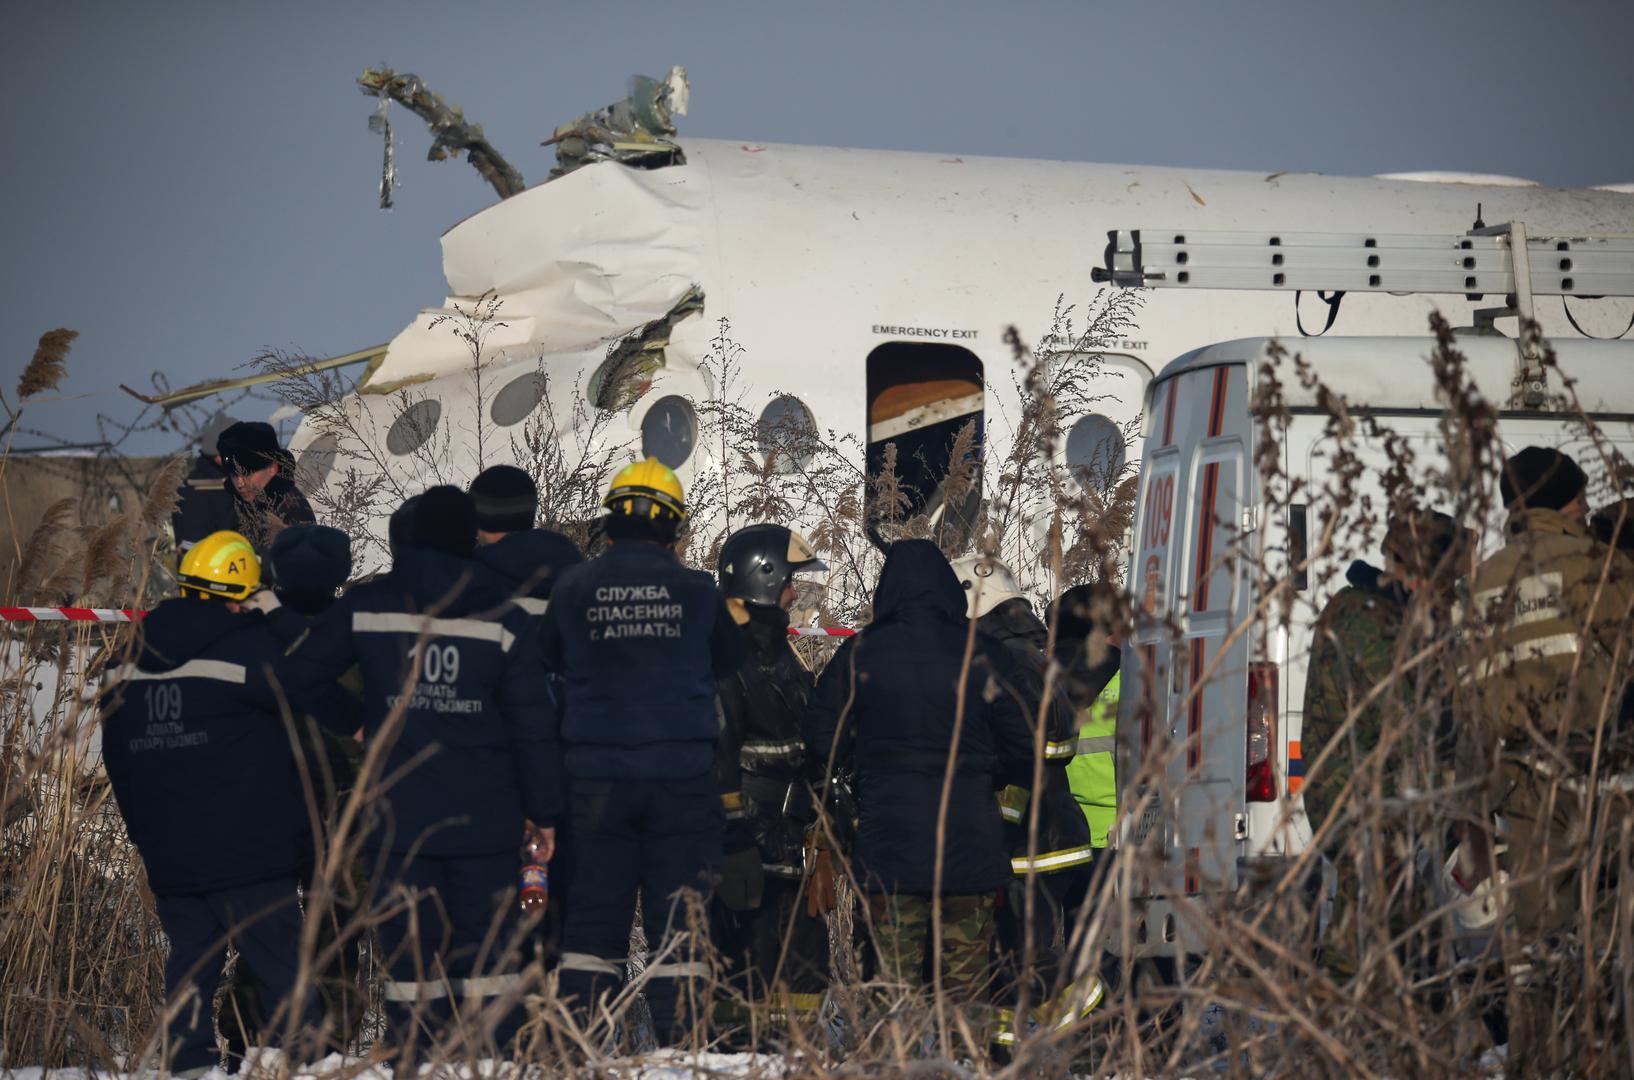 Srušio se putnički zrakoplov: Najmanje 14 poginulih, spasioci izvlače ozlijeđene